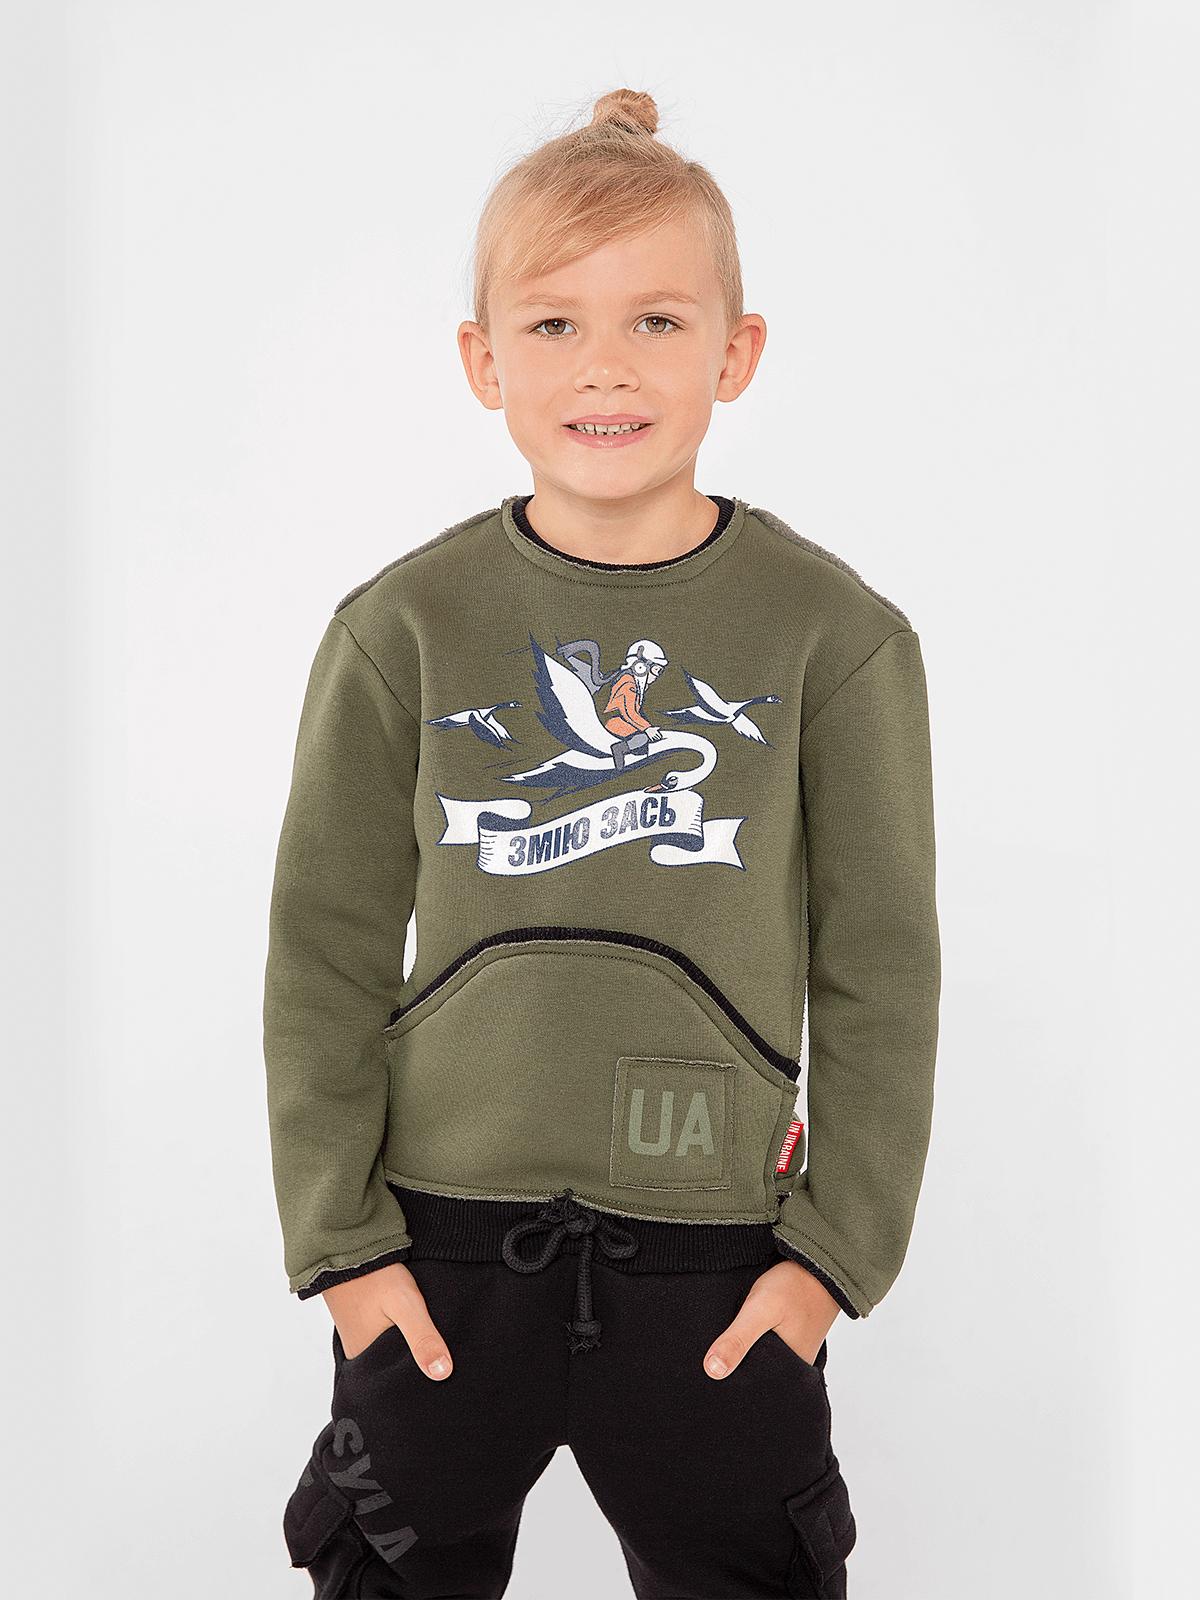 Kids Sweatshirt Dragon Won't Get It!. Світшот: унісекс, добре пасує і хлопцям, і дівчатам.